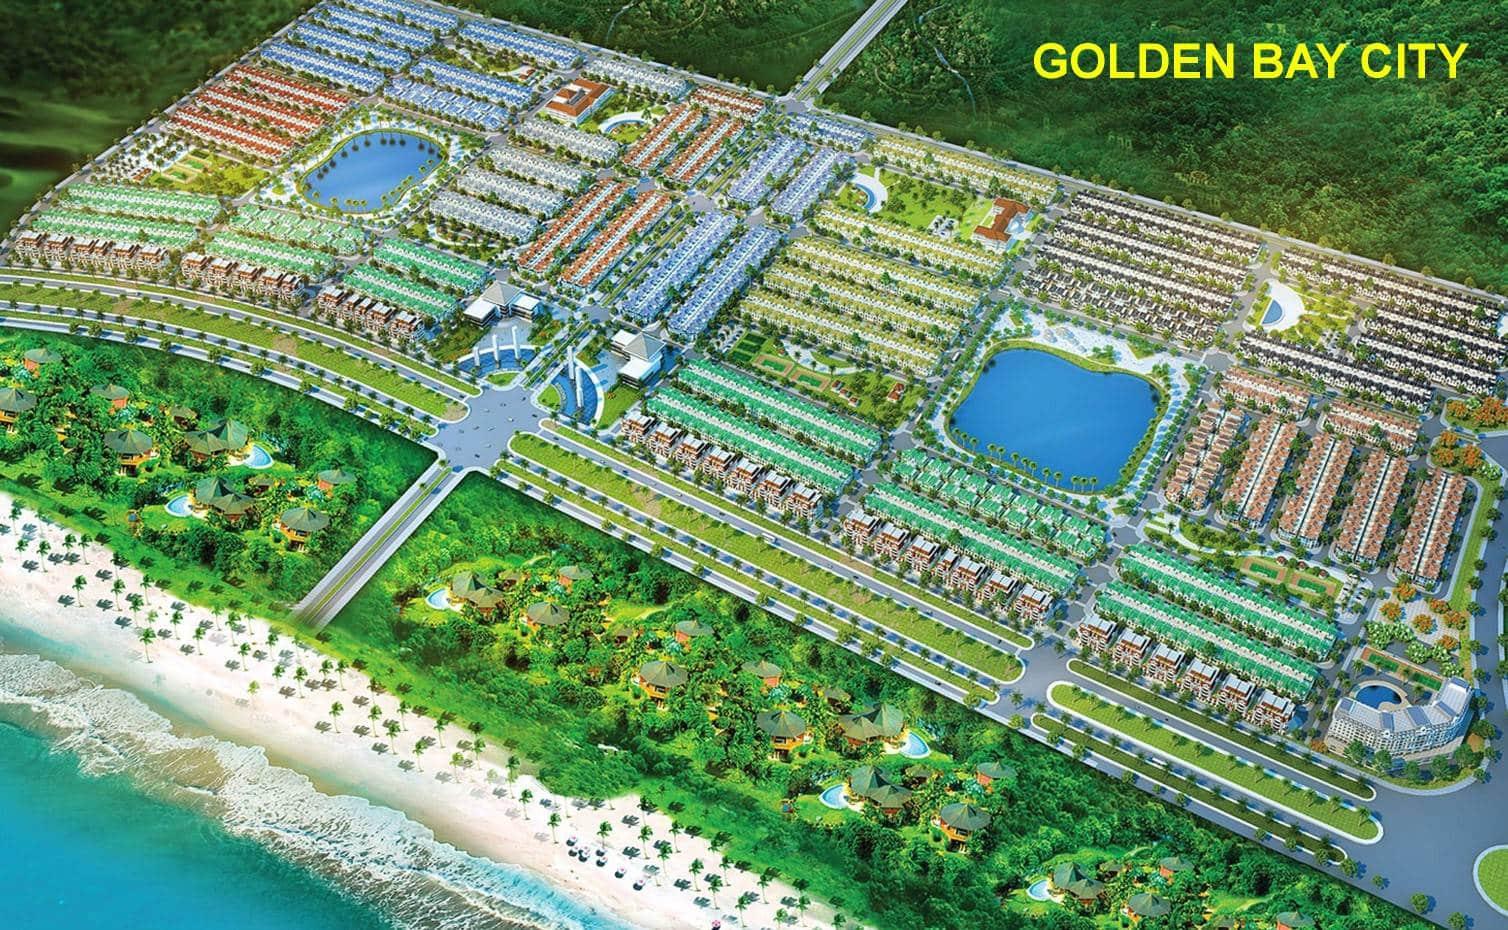 Phối cảnh tổng thể Khu Đô thị Golden Bay City Cam Ranh của tập đoàn Hưng Thịnh Corp